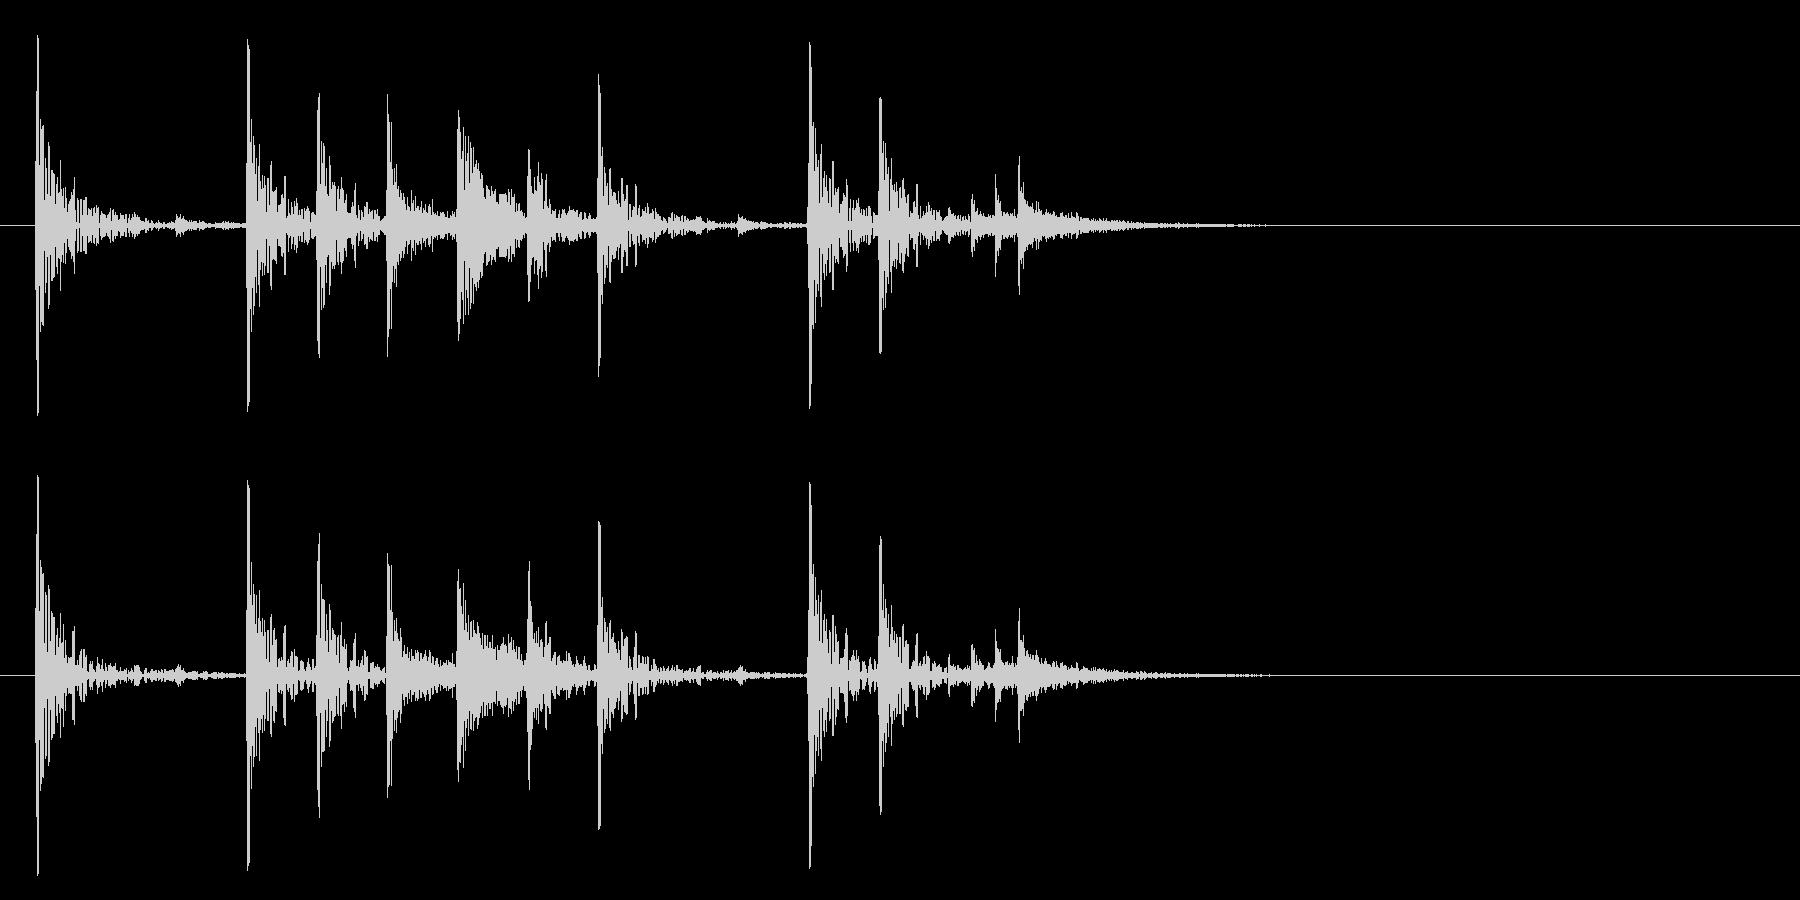 定番のリズム ドッチドド カラカカン#1の未再生の波形